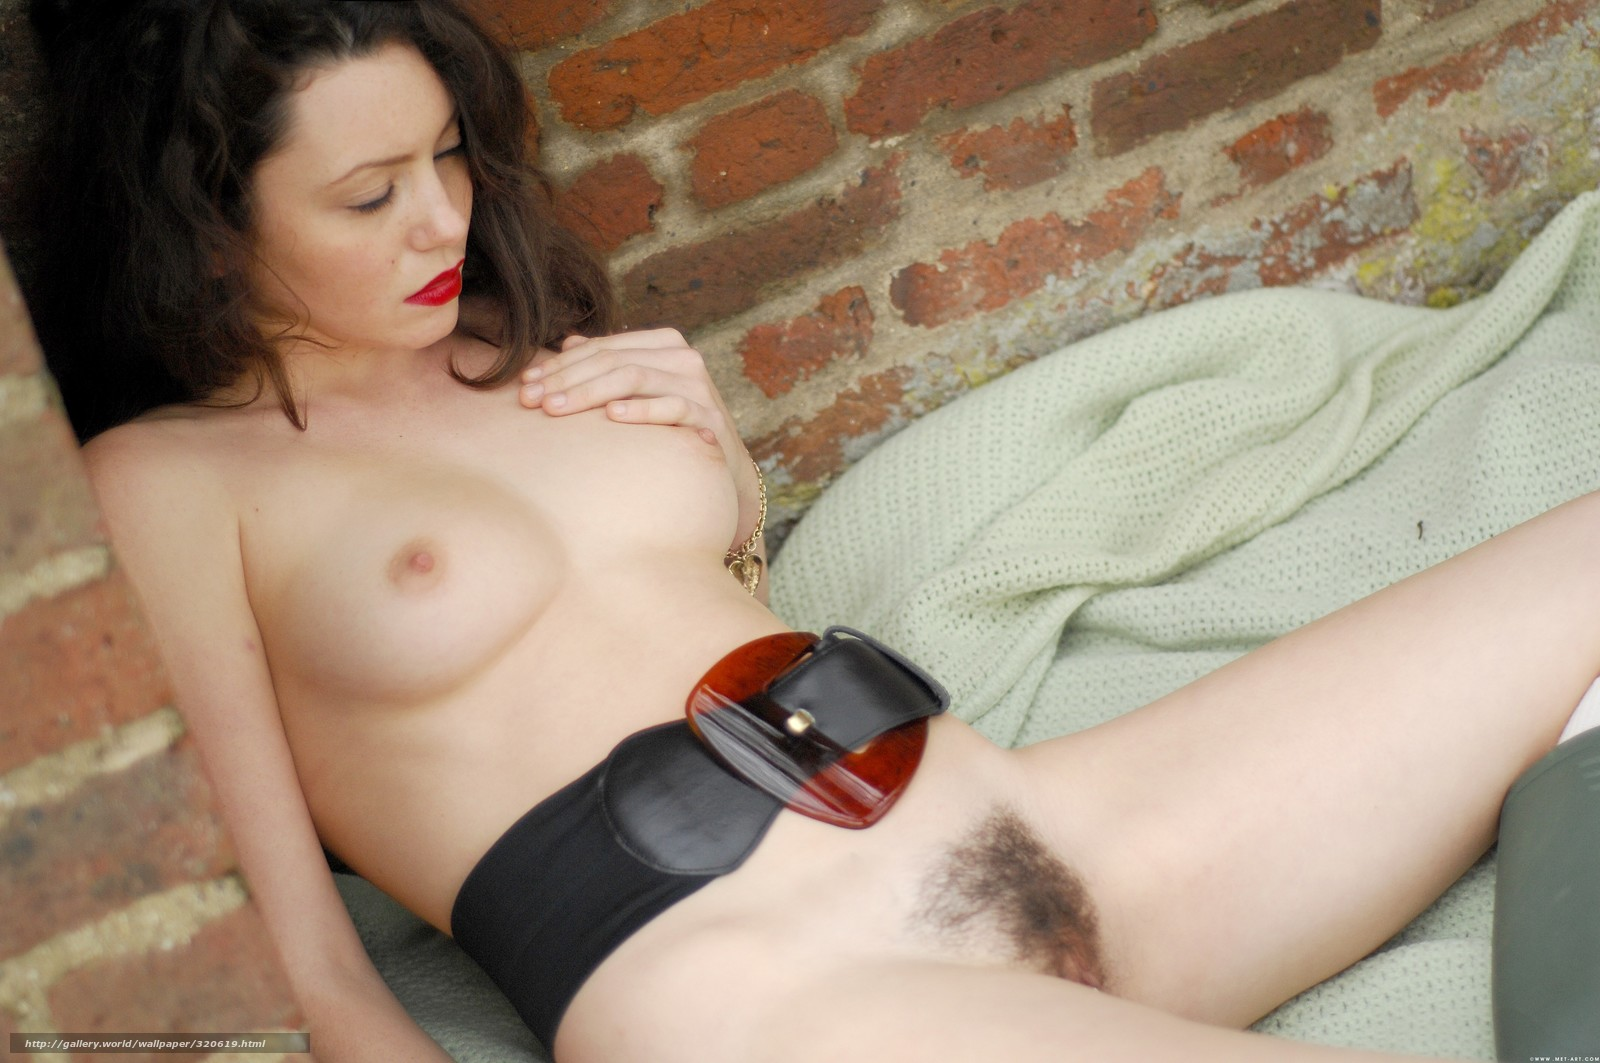 Посмотреть порно с симпатичными девушками 22 фотография